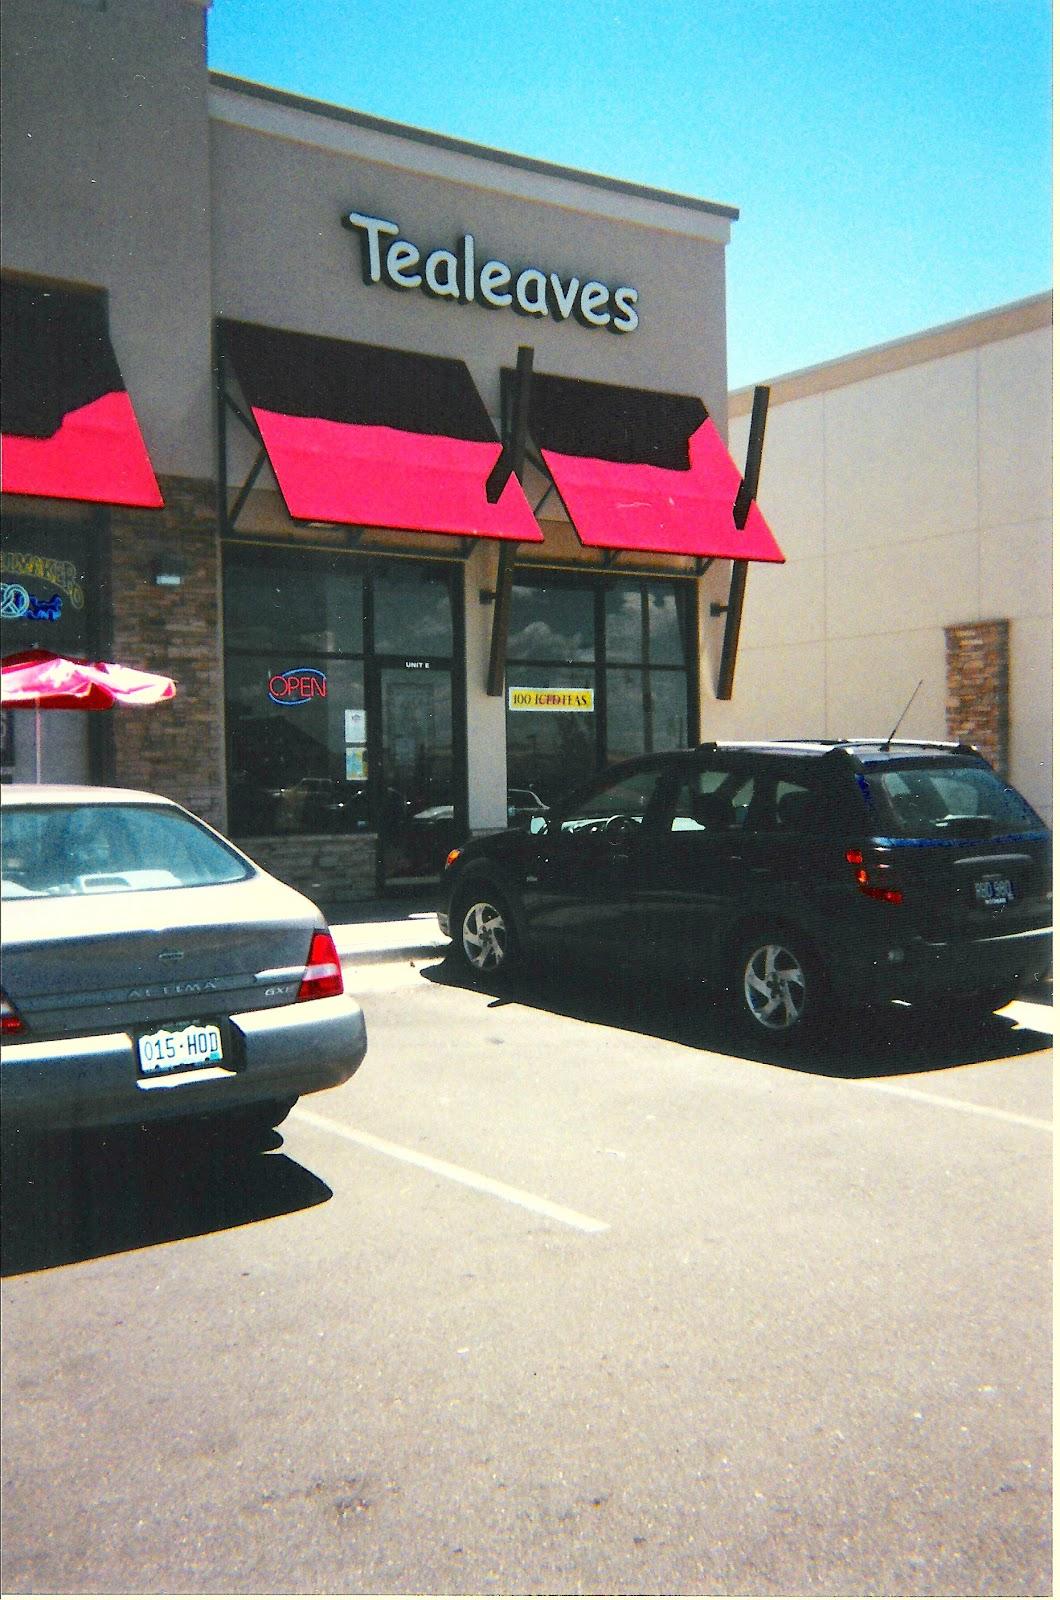 Relevant Tea Leaf Colorado Visits Final Episode